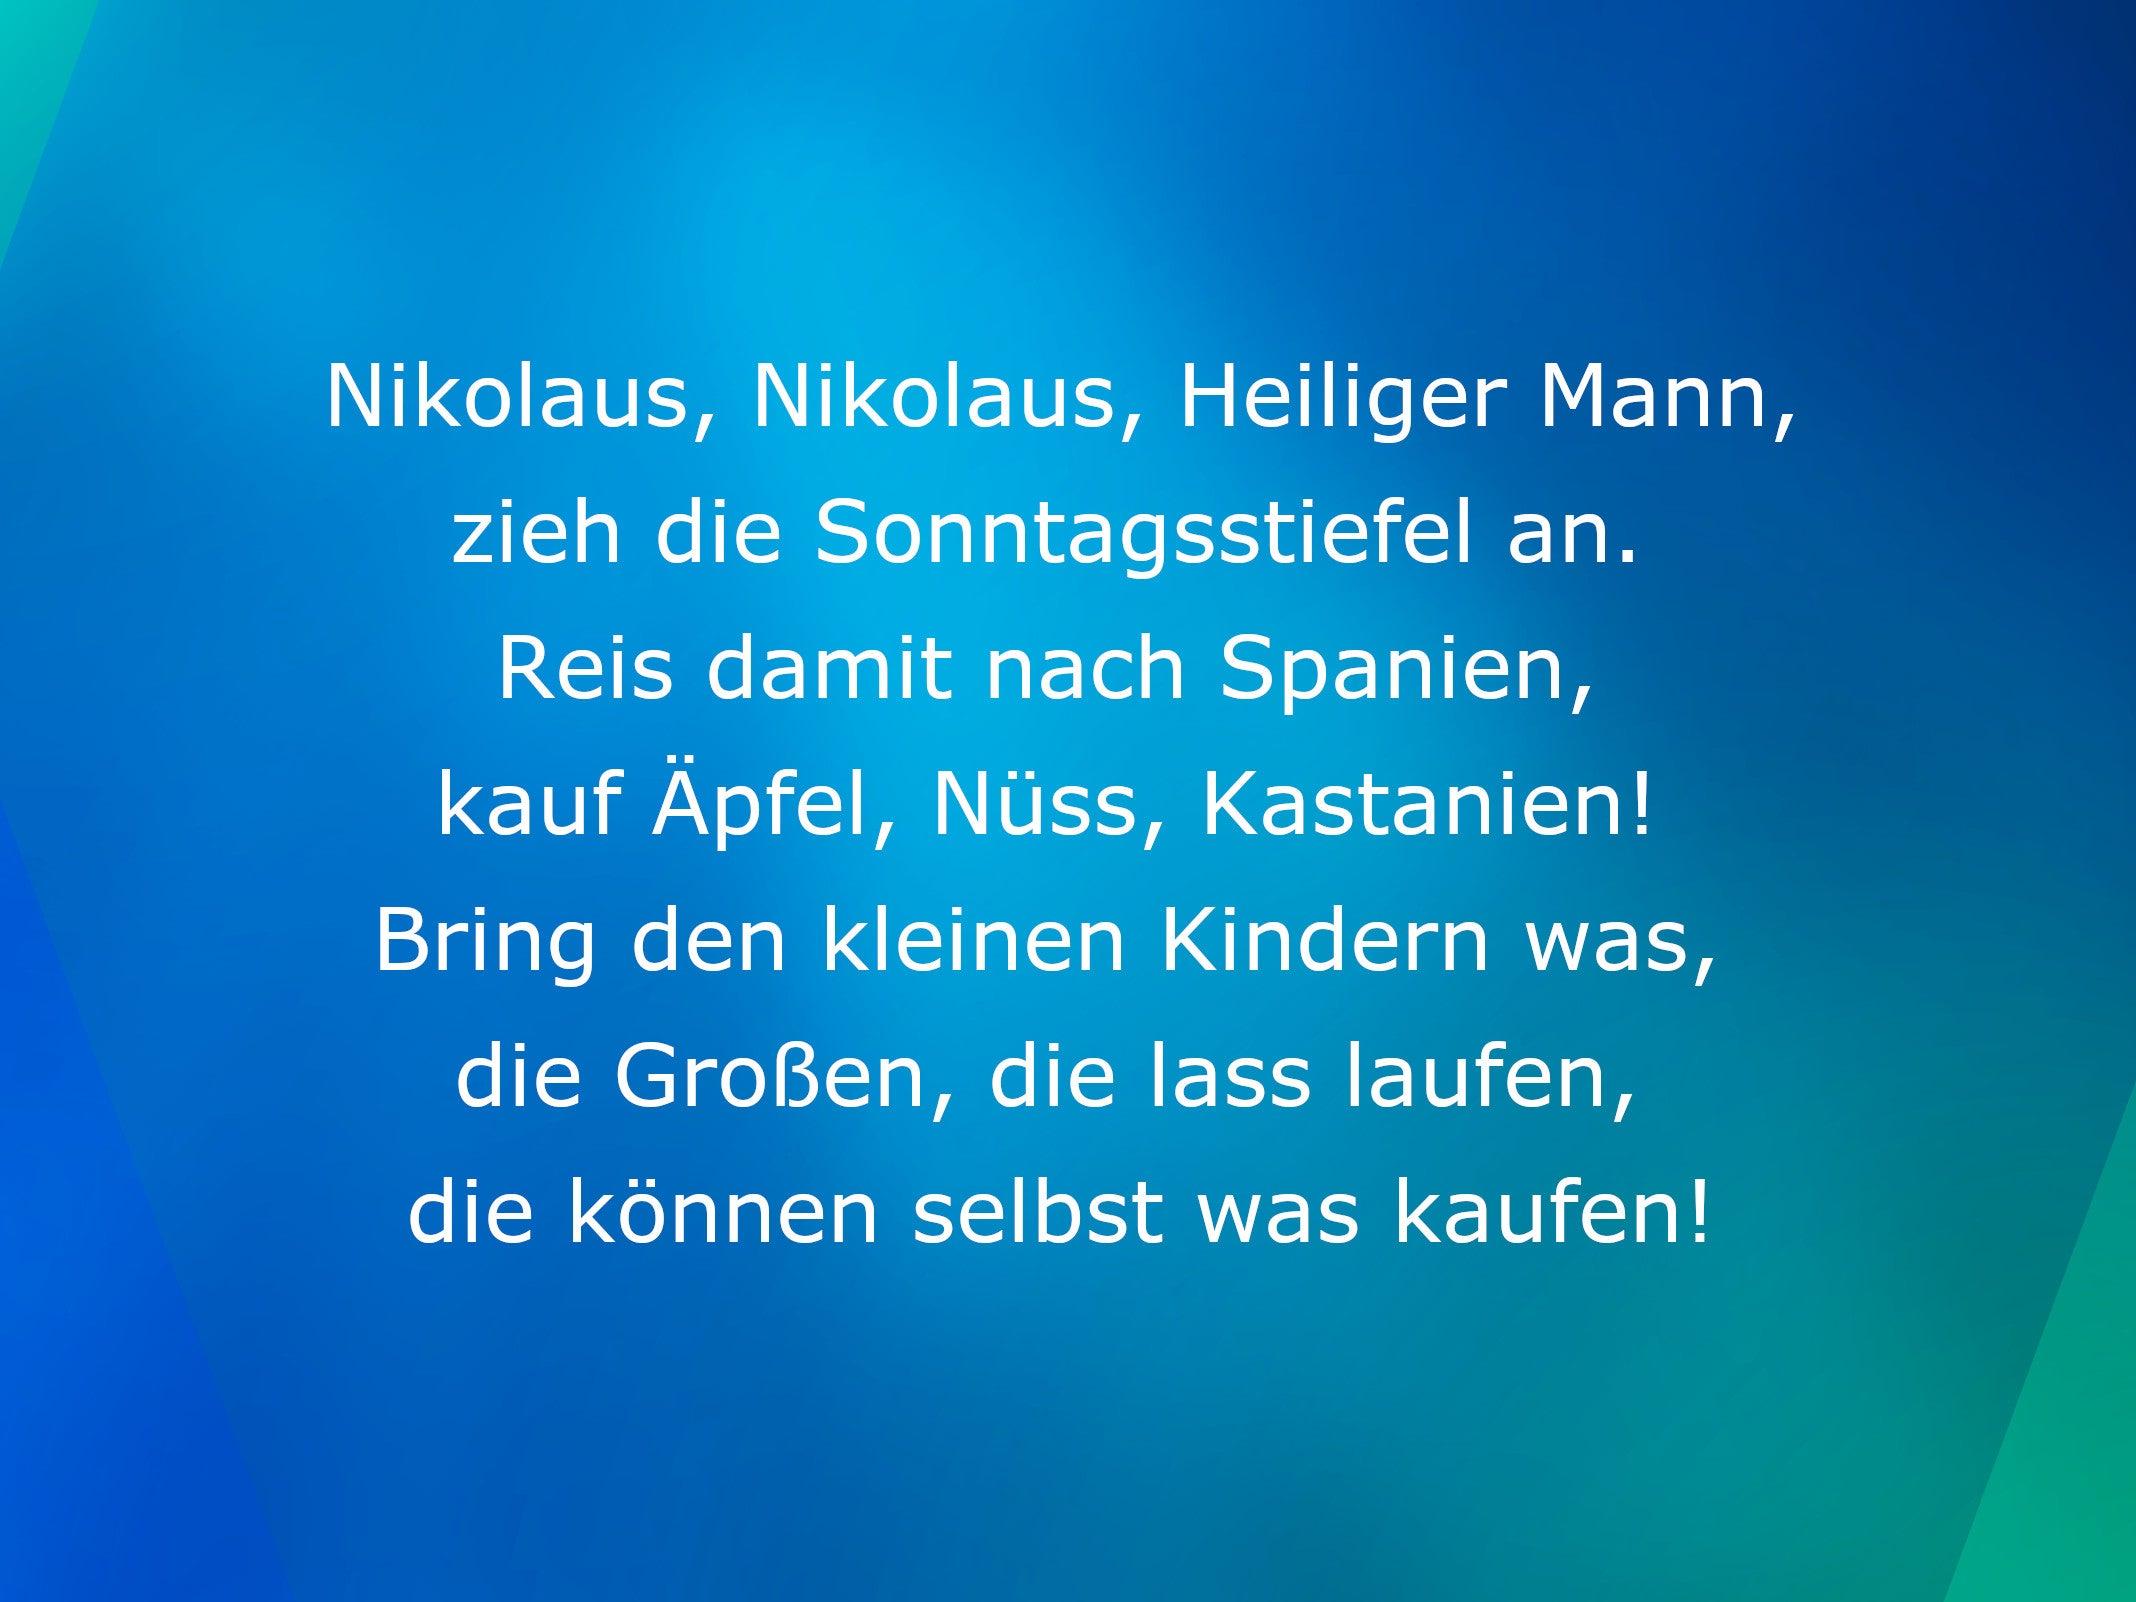 Whatsapp Die Besten Und Lustigsten Spruche Zu Nikolaus